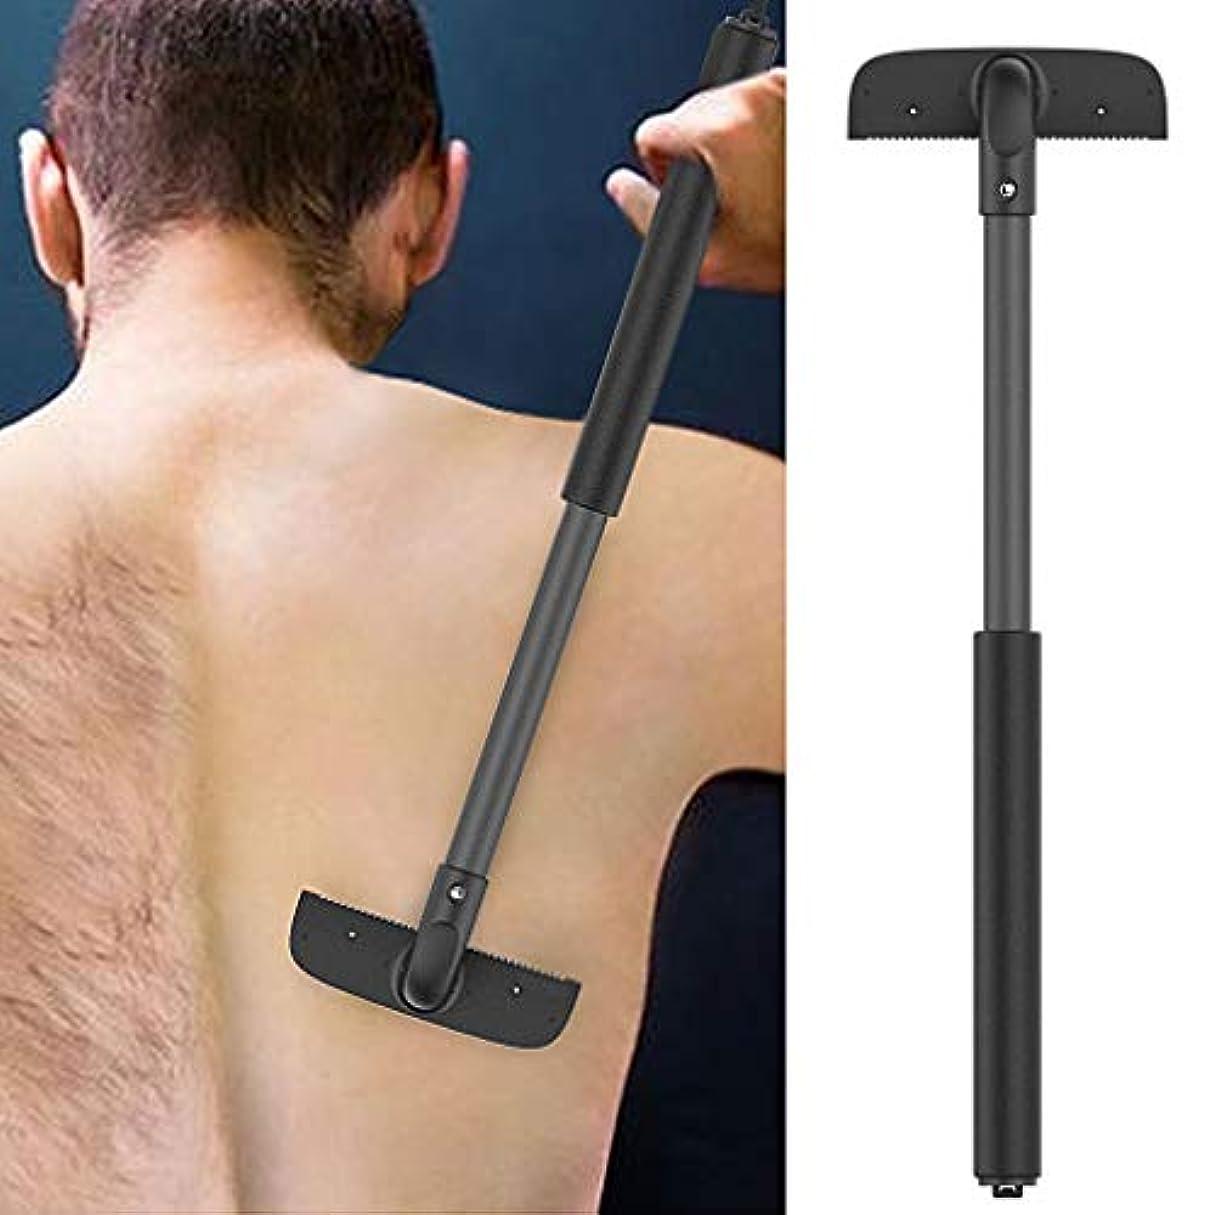 合計磁石どう?Back Hair Removal And Body Shaver、バックヘアとボディシェーバー、男性のための剃刀、調節可能なハンドル、伸縮可能なトリマー剃刀脱毛装置 除毛 ムダ毛処理